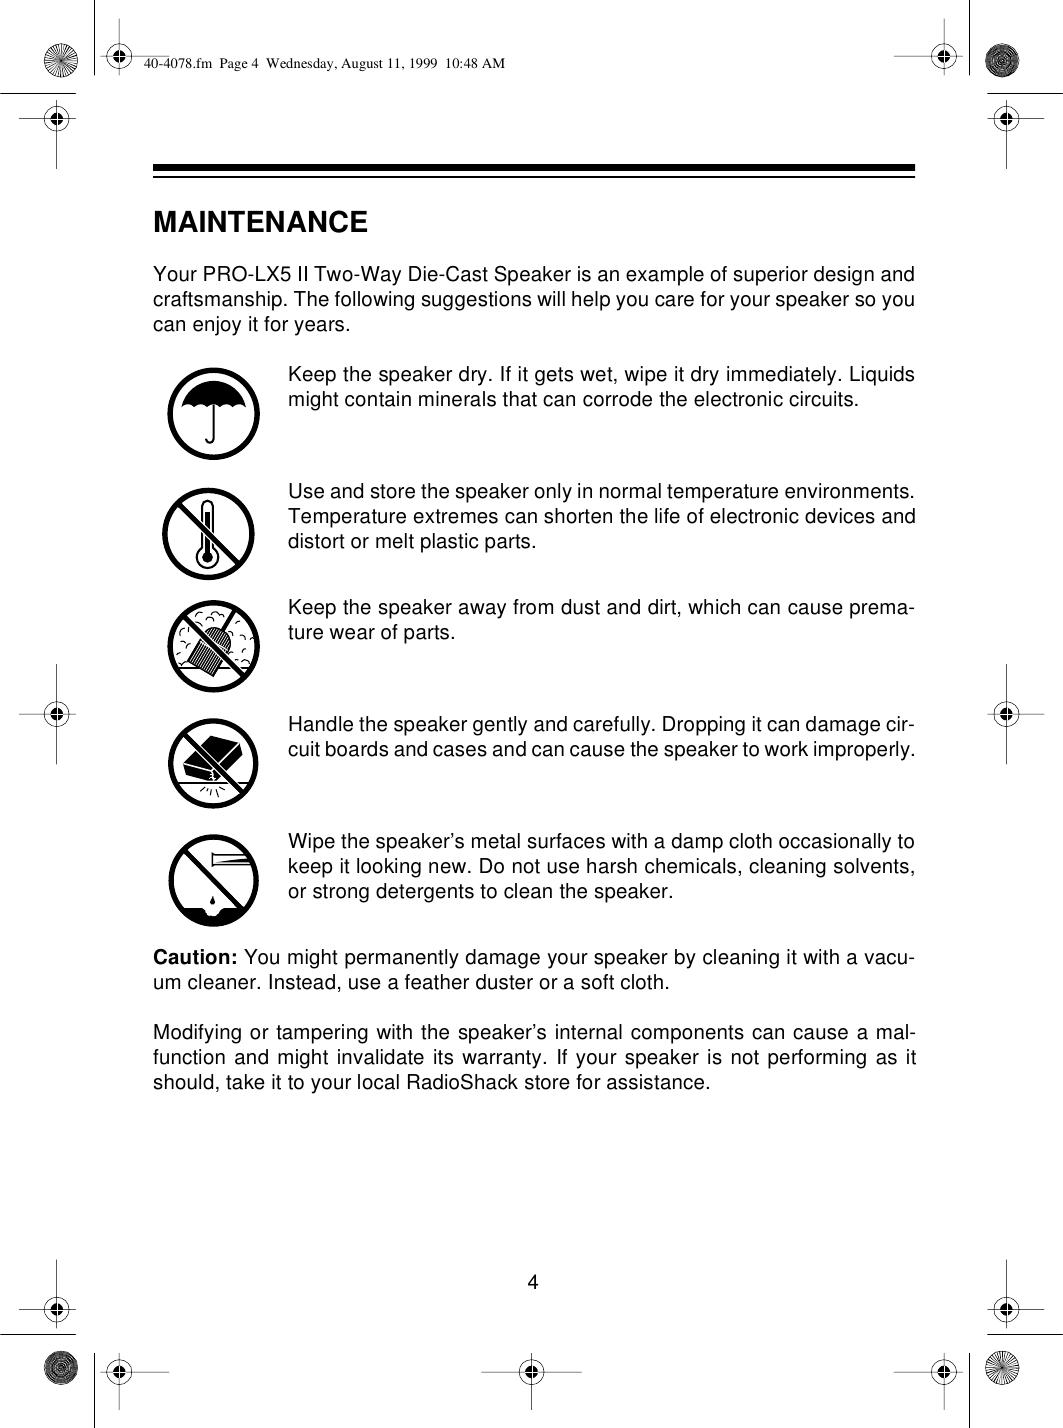 Optimus Pro Lx5 Ii Users Manual 40 4078